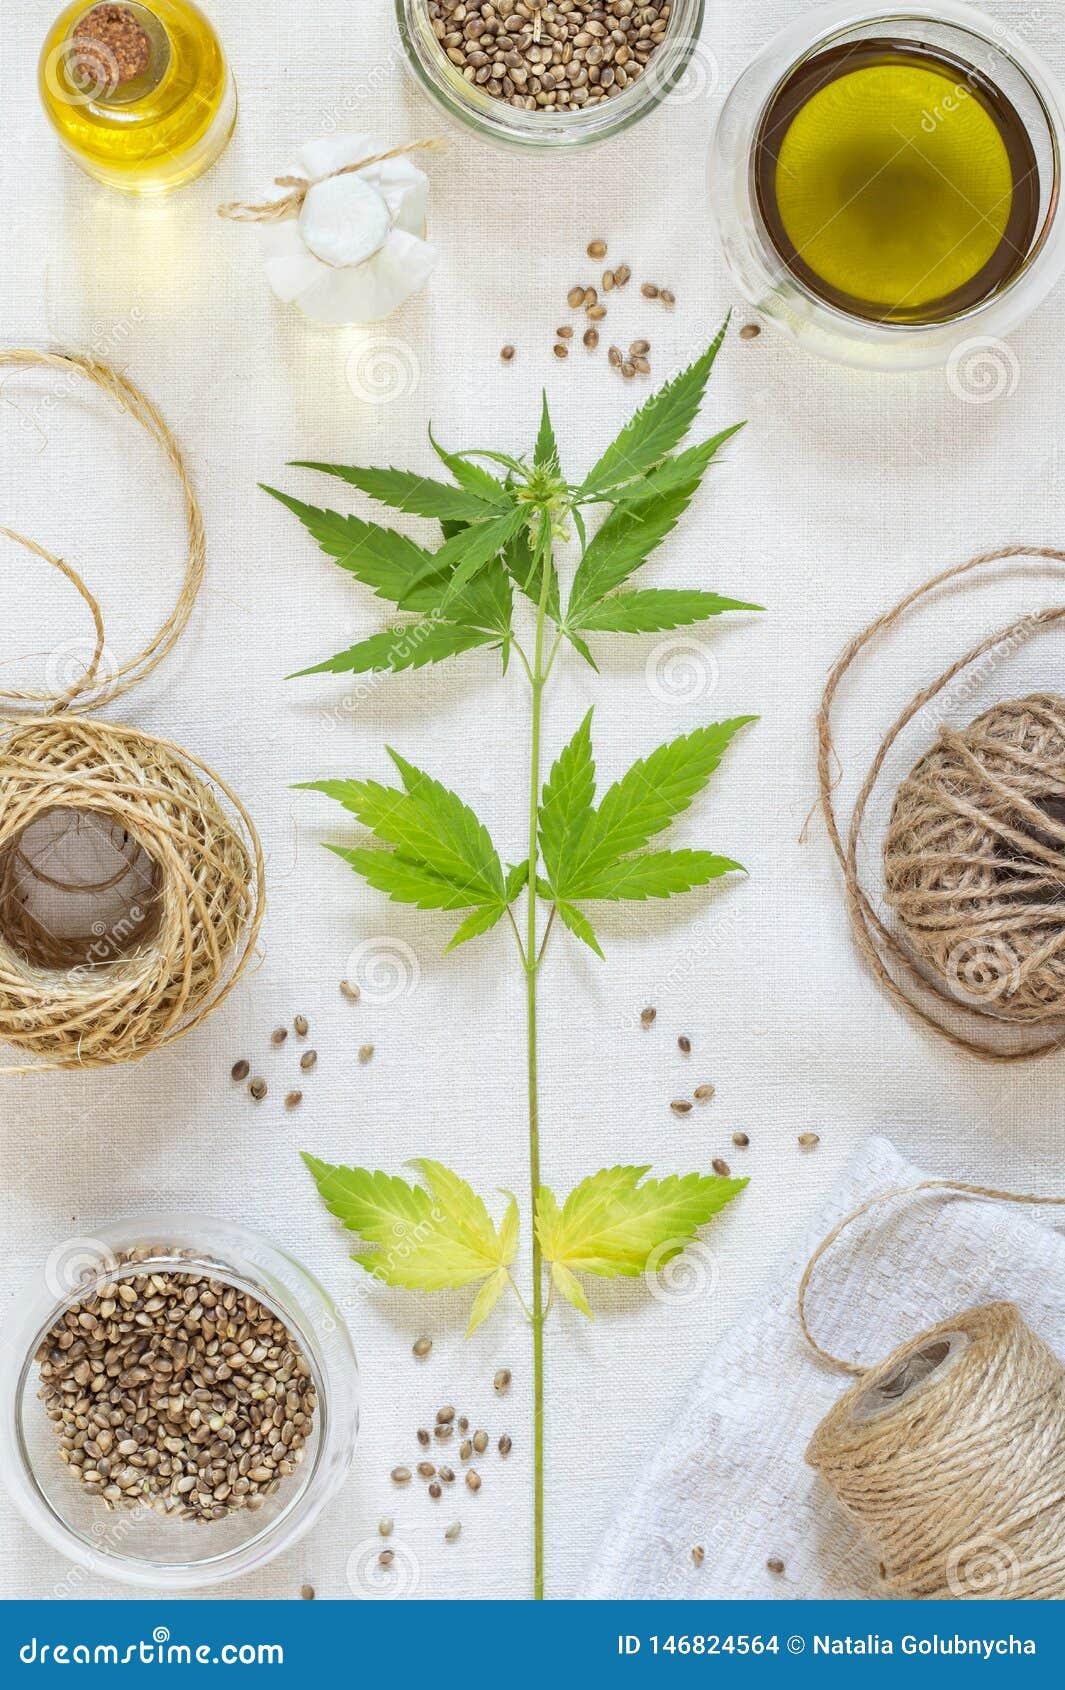 Веревочки из конопли купить в ростове марихуану